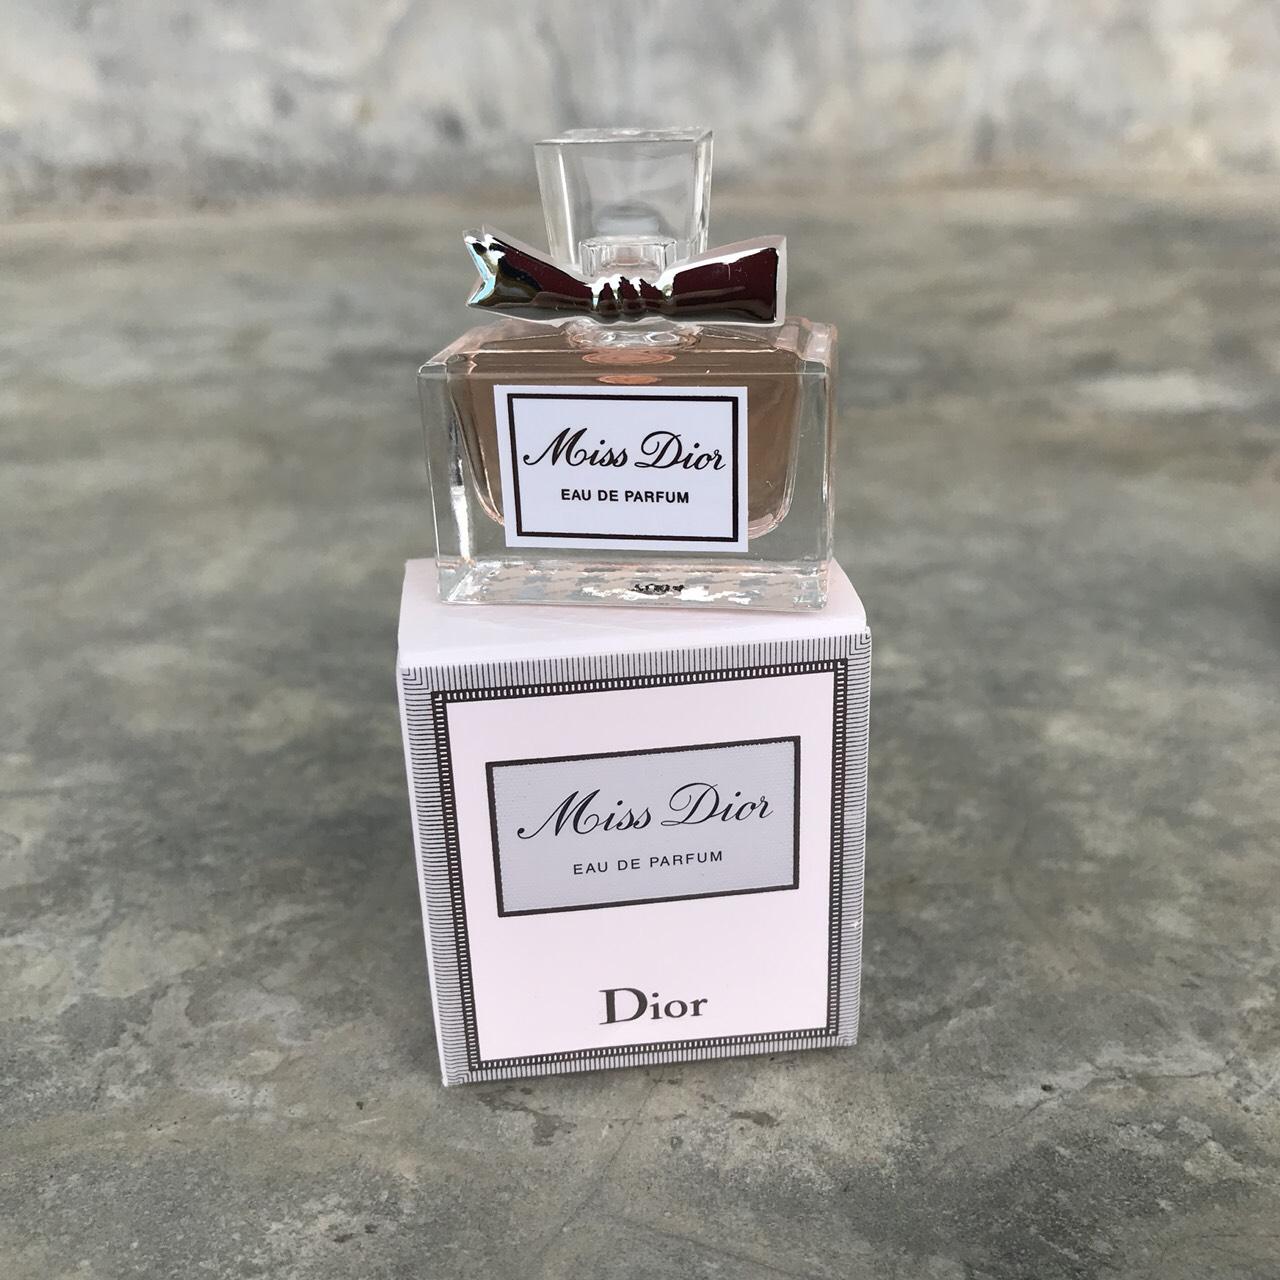 น้ำหอมจิ๋ว Dior Miss Dior EDP 2017 ขนาด 5ml.